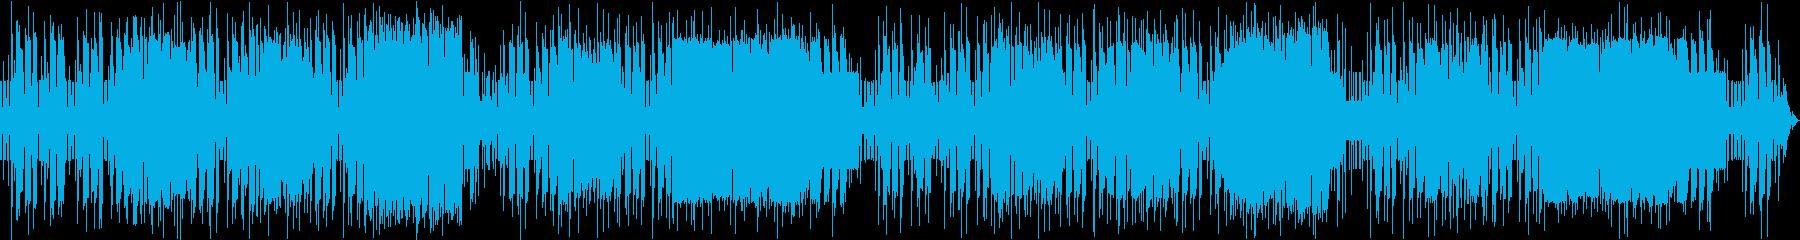 【8bit】エリーゼのためにの再生済みの波形